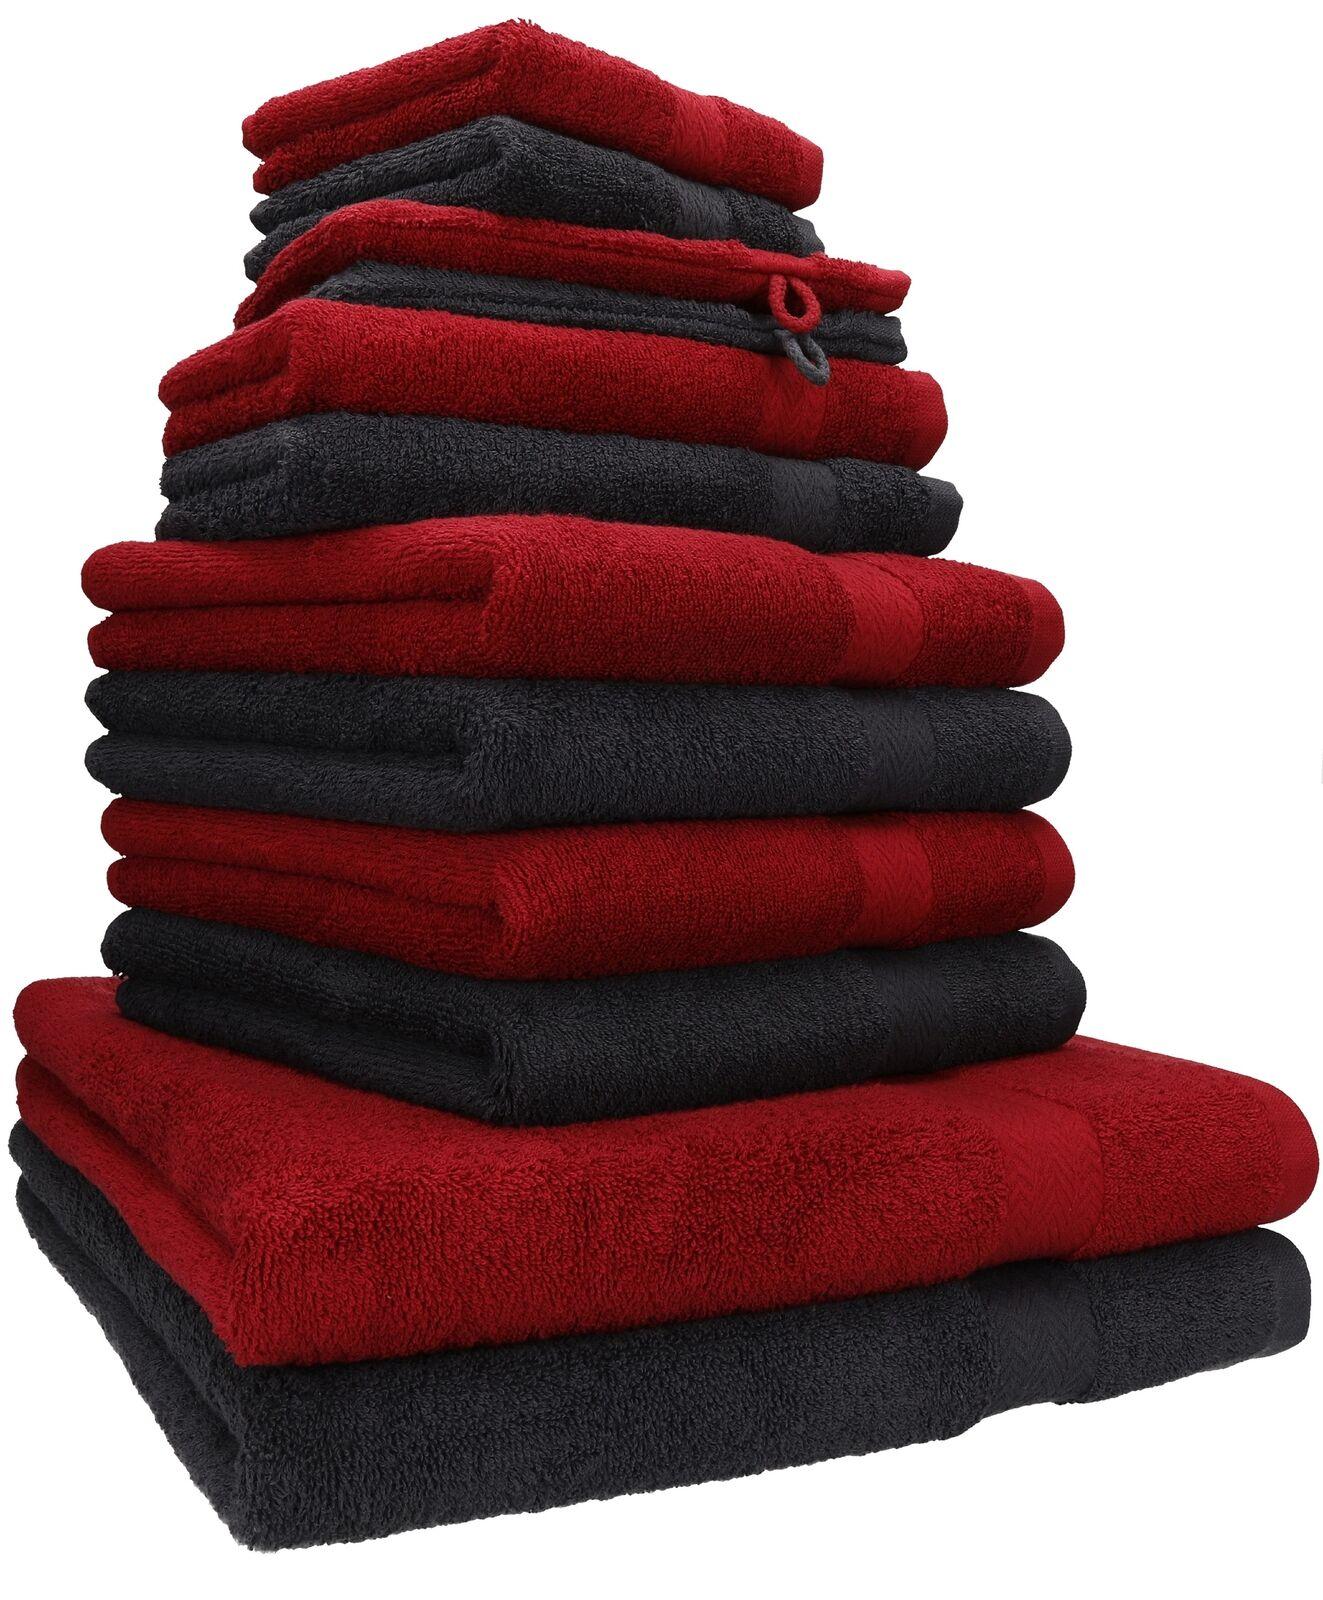 12er Handtuch Set Handtücher Duschtücher PREMIUM 100% Baumwolle rubinrot / grau